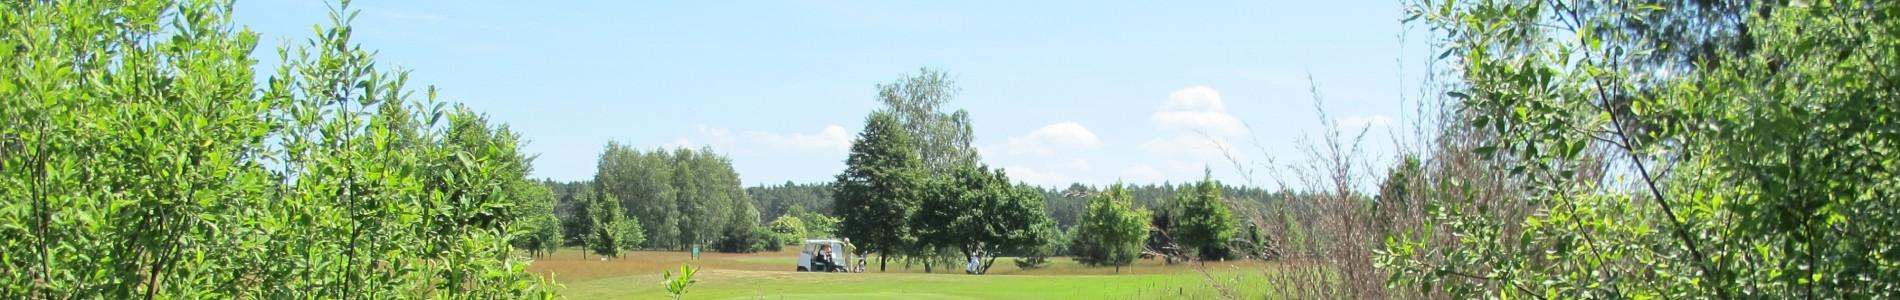 Ein Caddywagen fährt über das Fairway